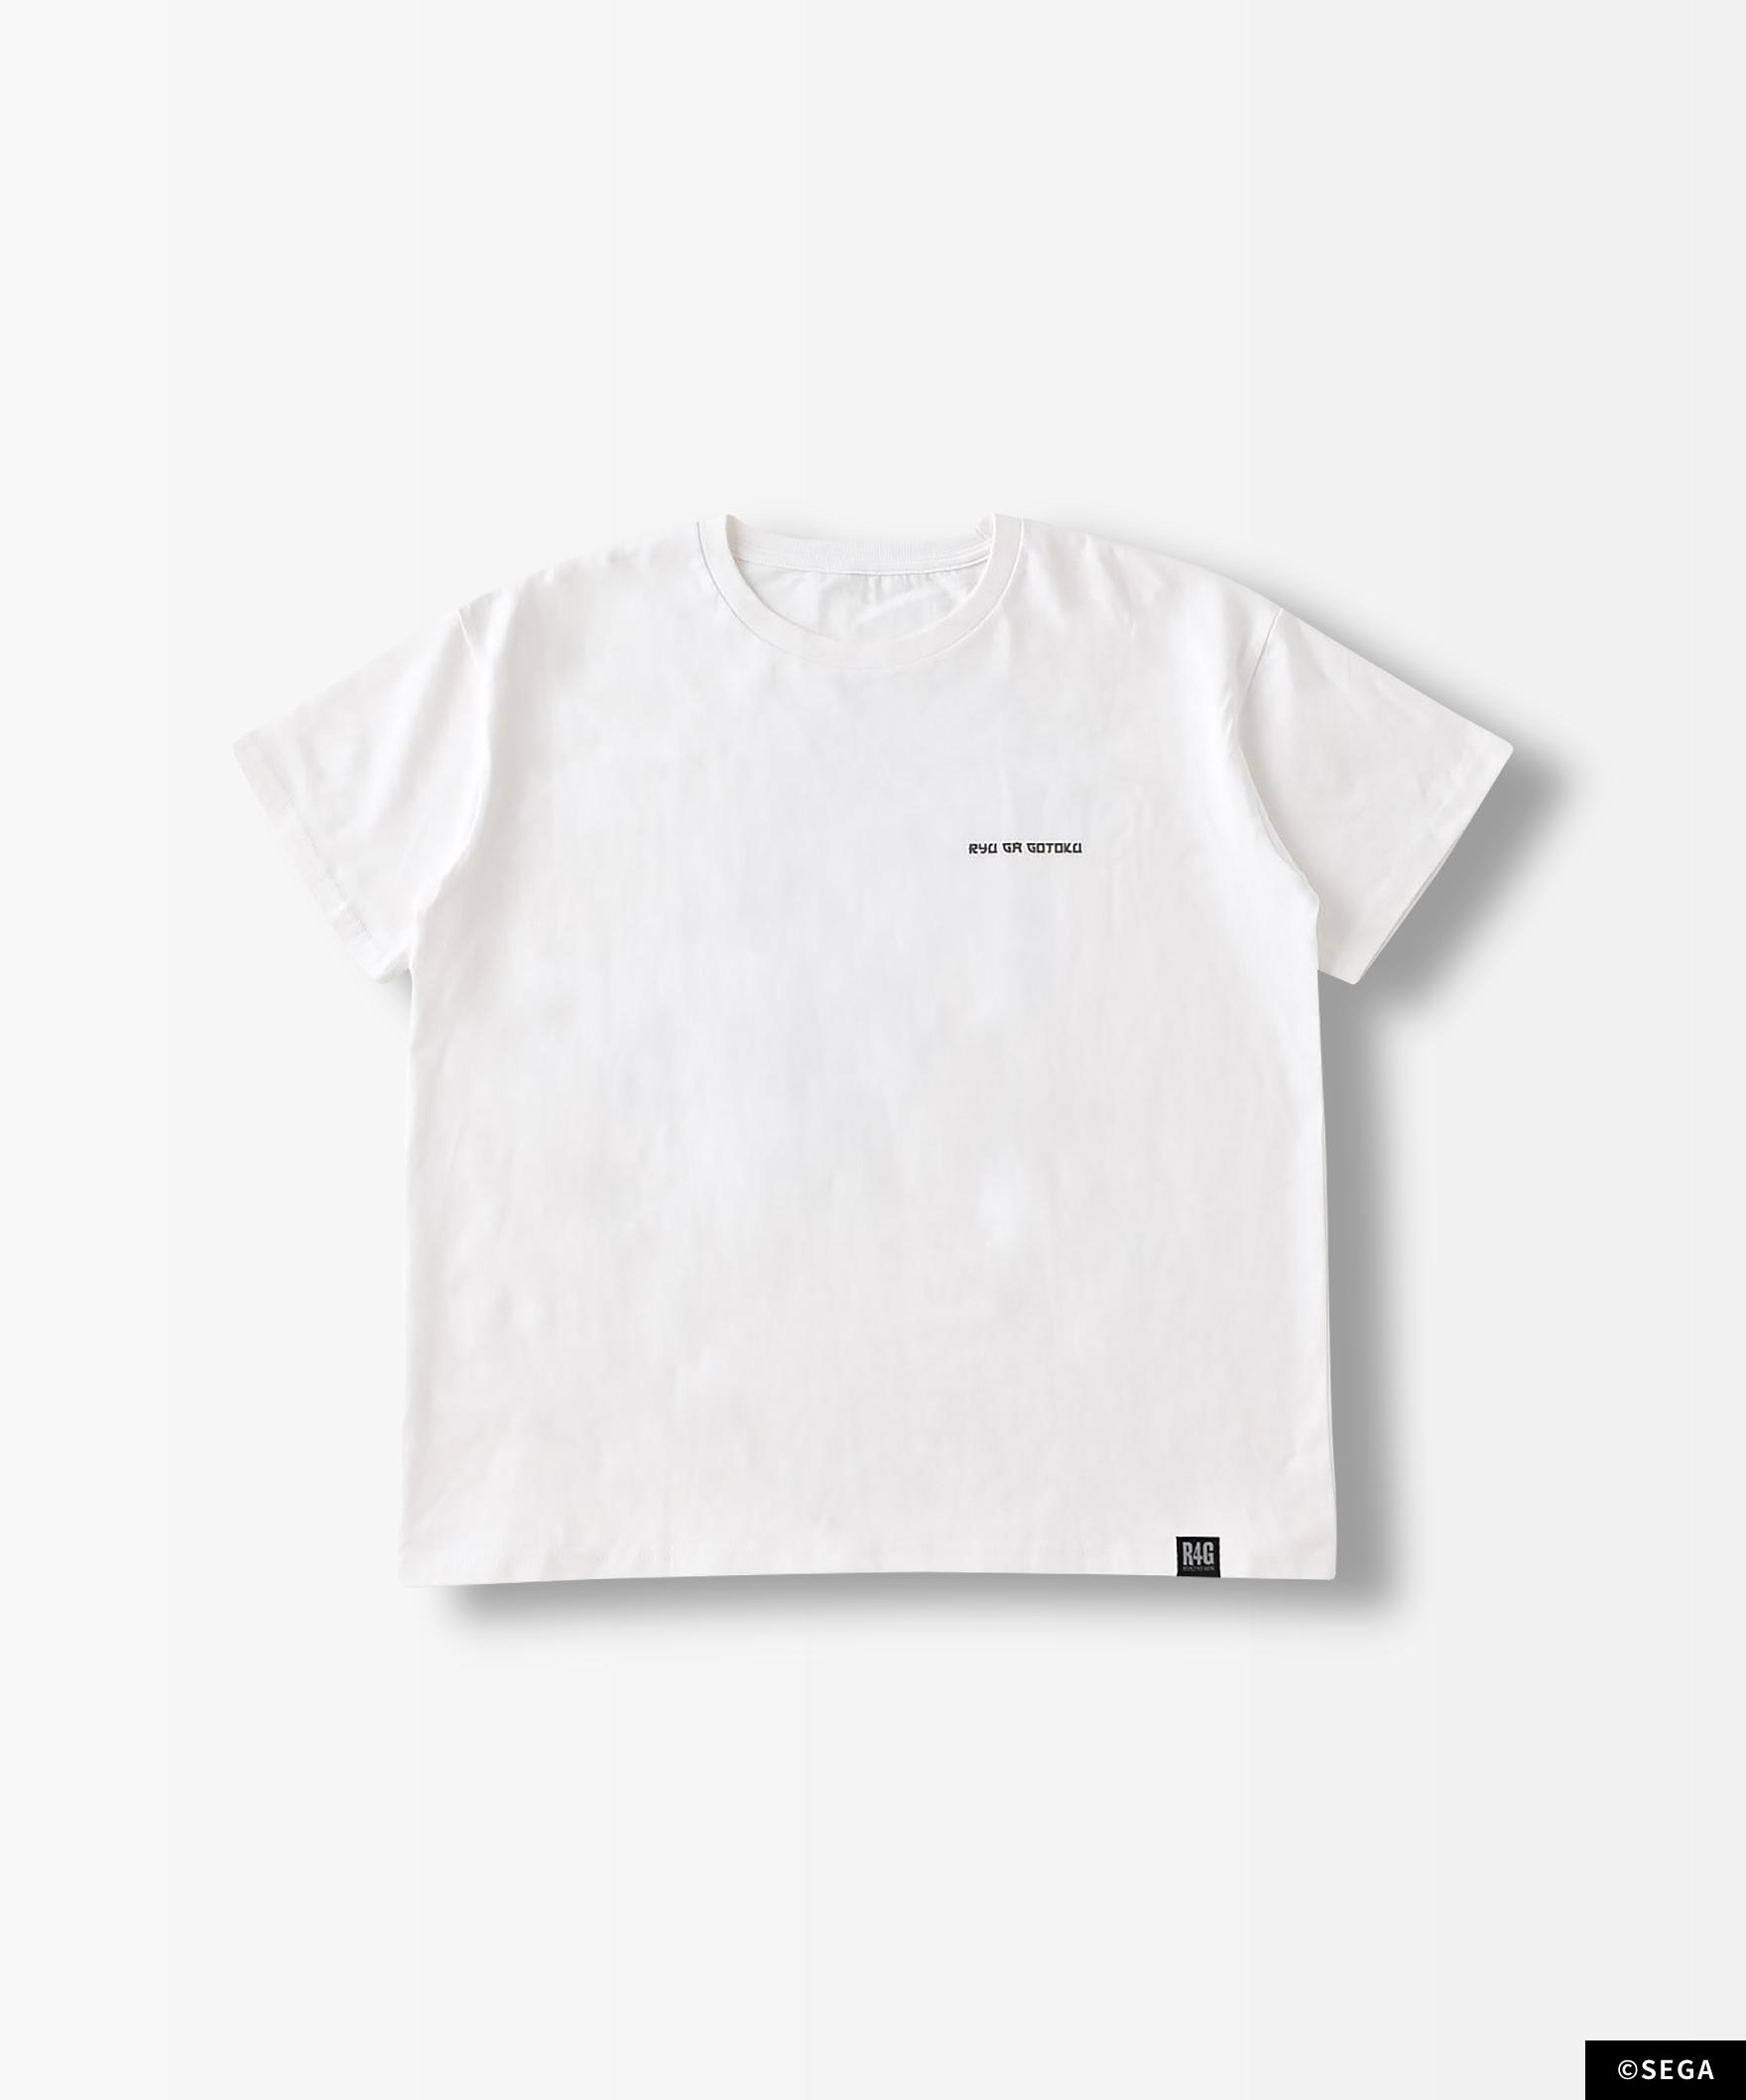 龍が如く 桐生一馬TATOO Tシャツ